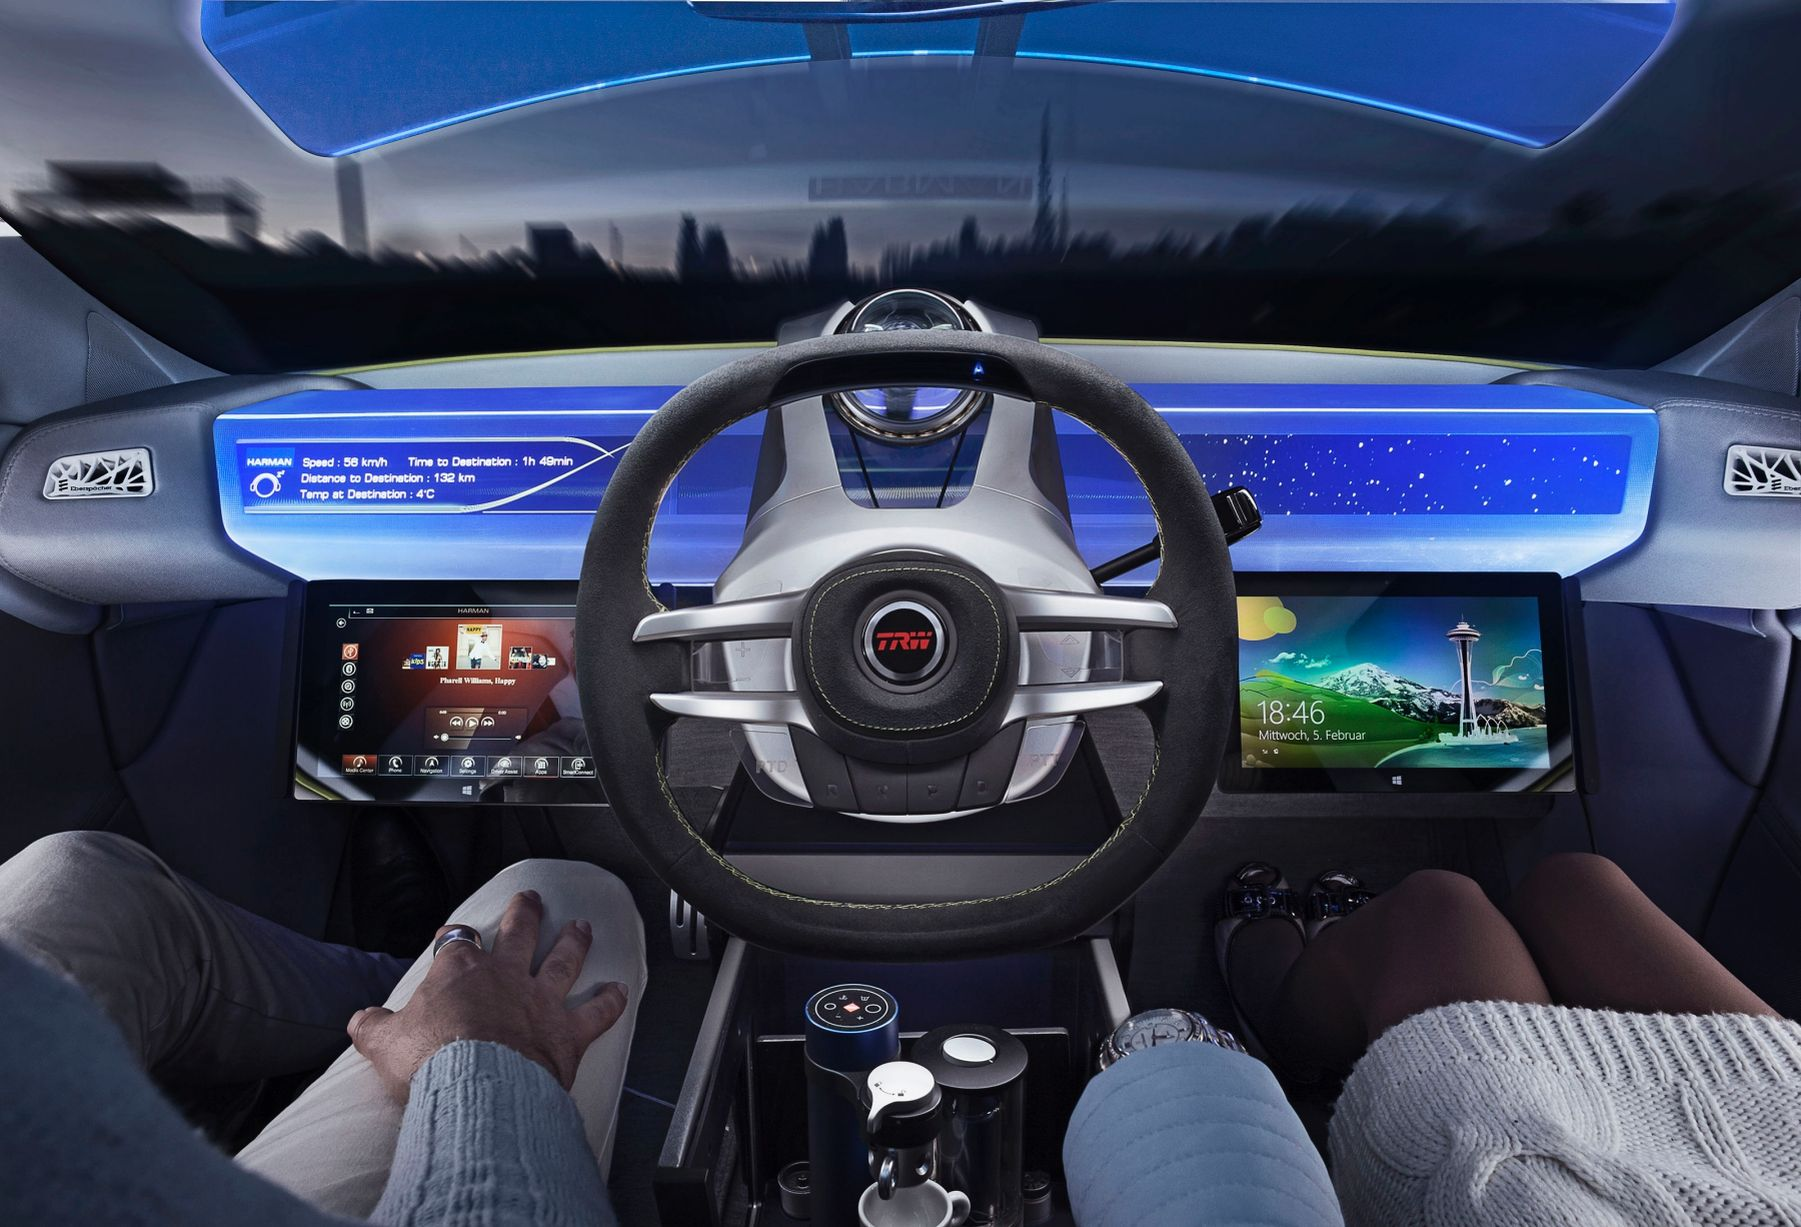 Des voitures autonomes : Pourquoi faire ? (Partie 1)